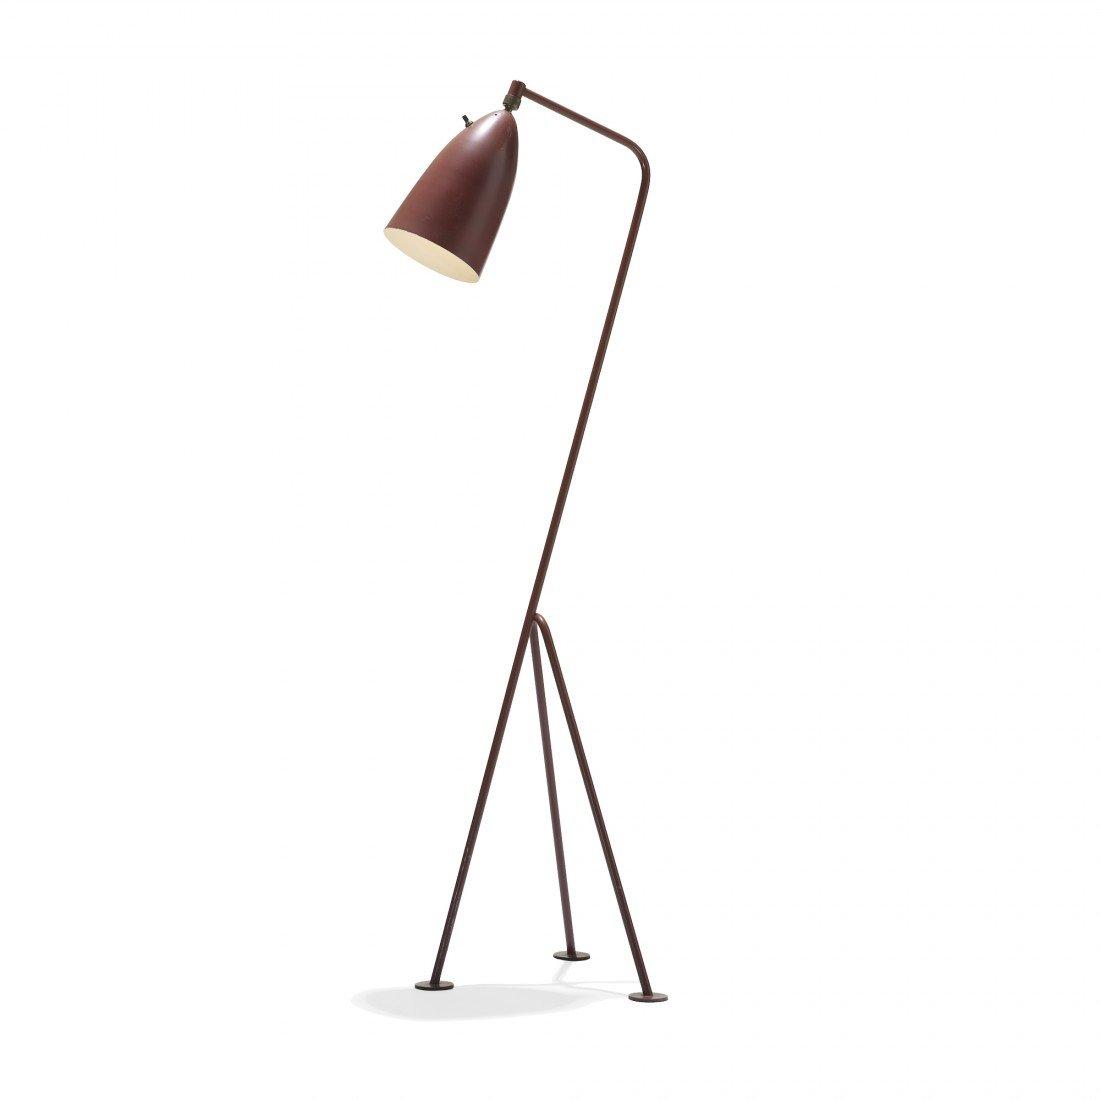 145: Greta  Magnusson Grossman Grasshopper floor lamp